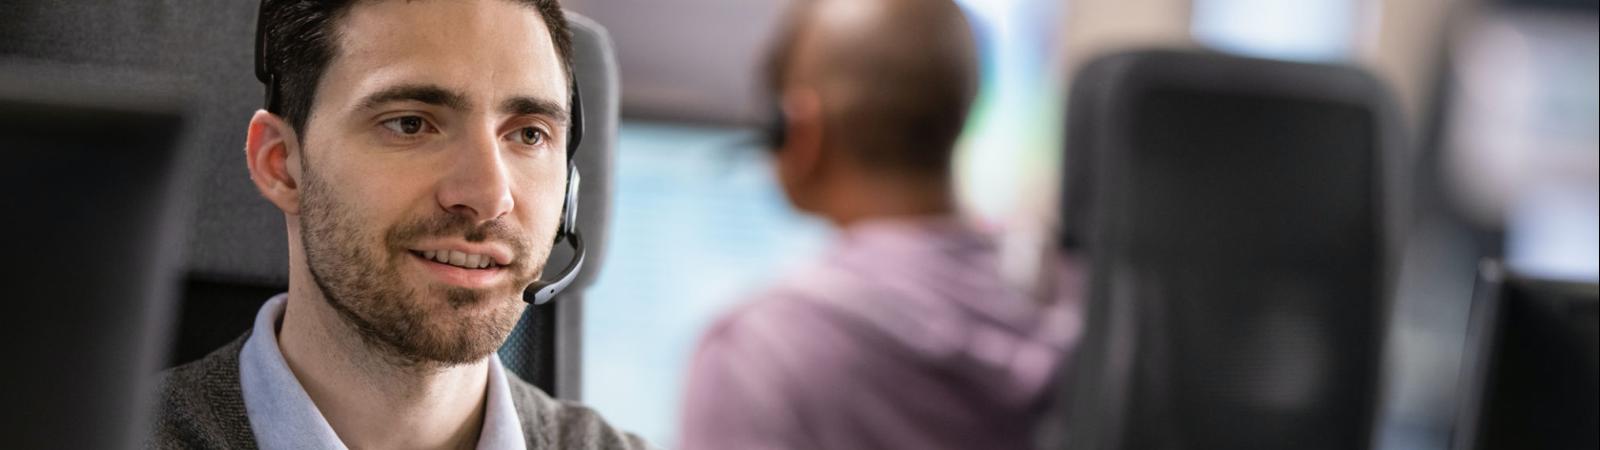 Mann, der während eines Anrufs ein Headset trägt